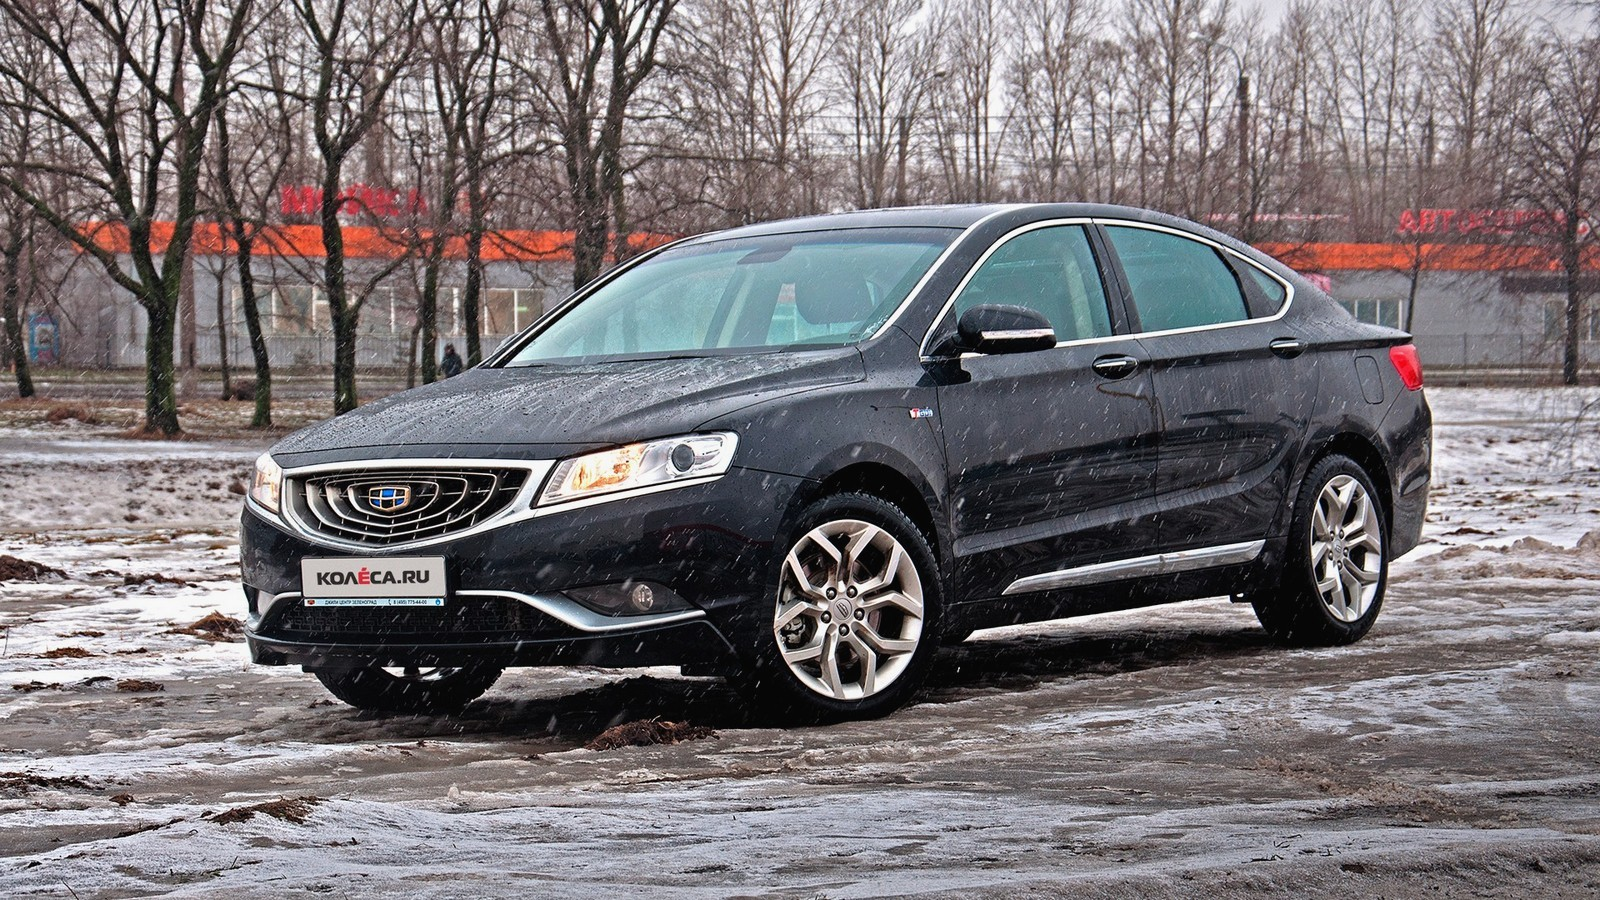 Модели Geely в Российской Федерации впервый раз стали доступны посхеме «trade-in»